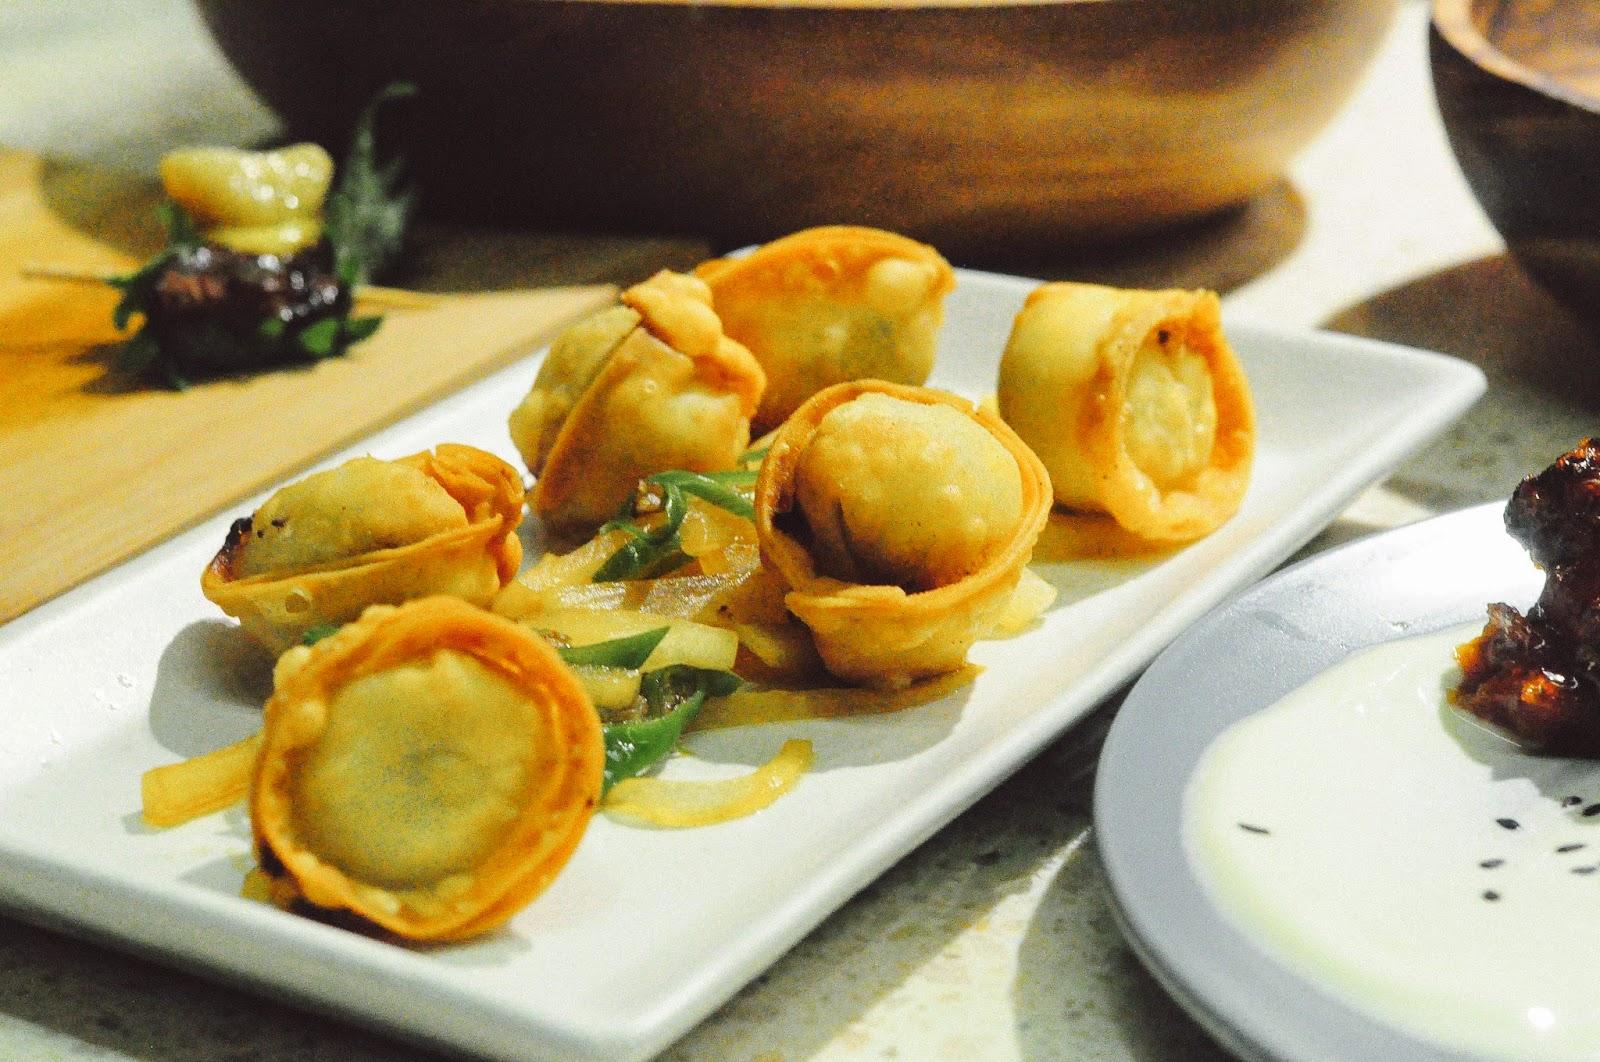 Crispy minced pork & mushroom dumpling, salsa